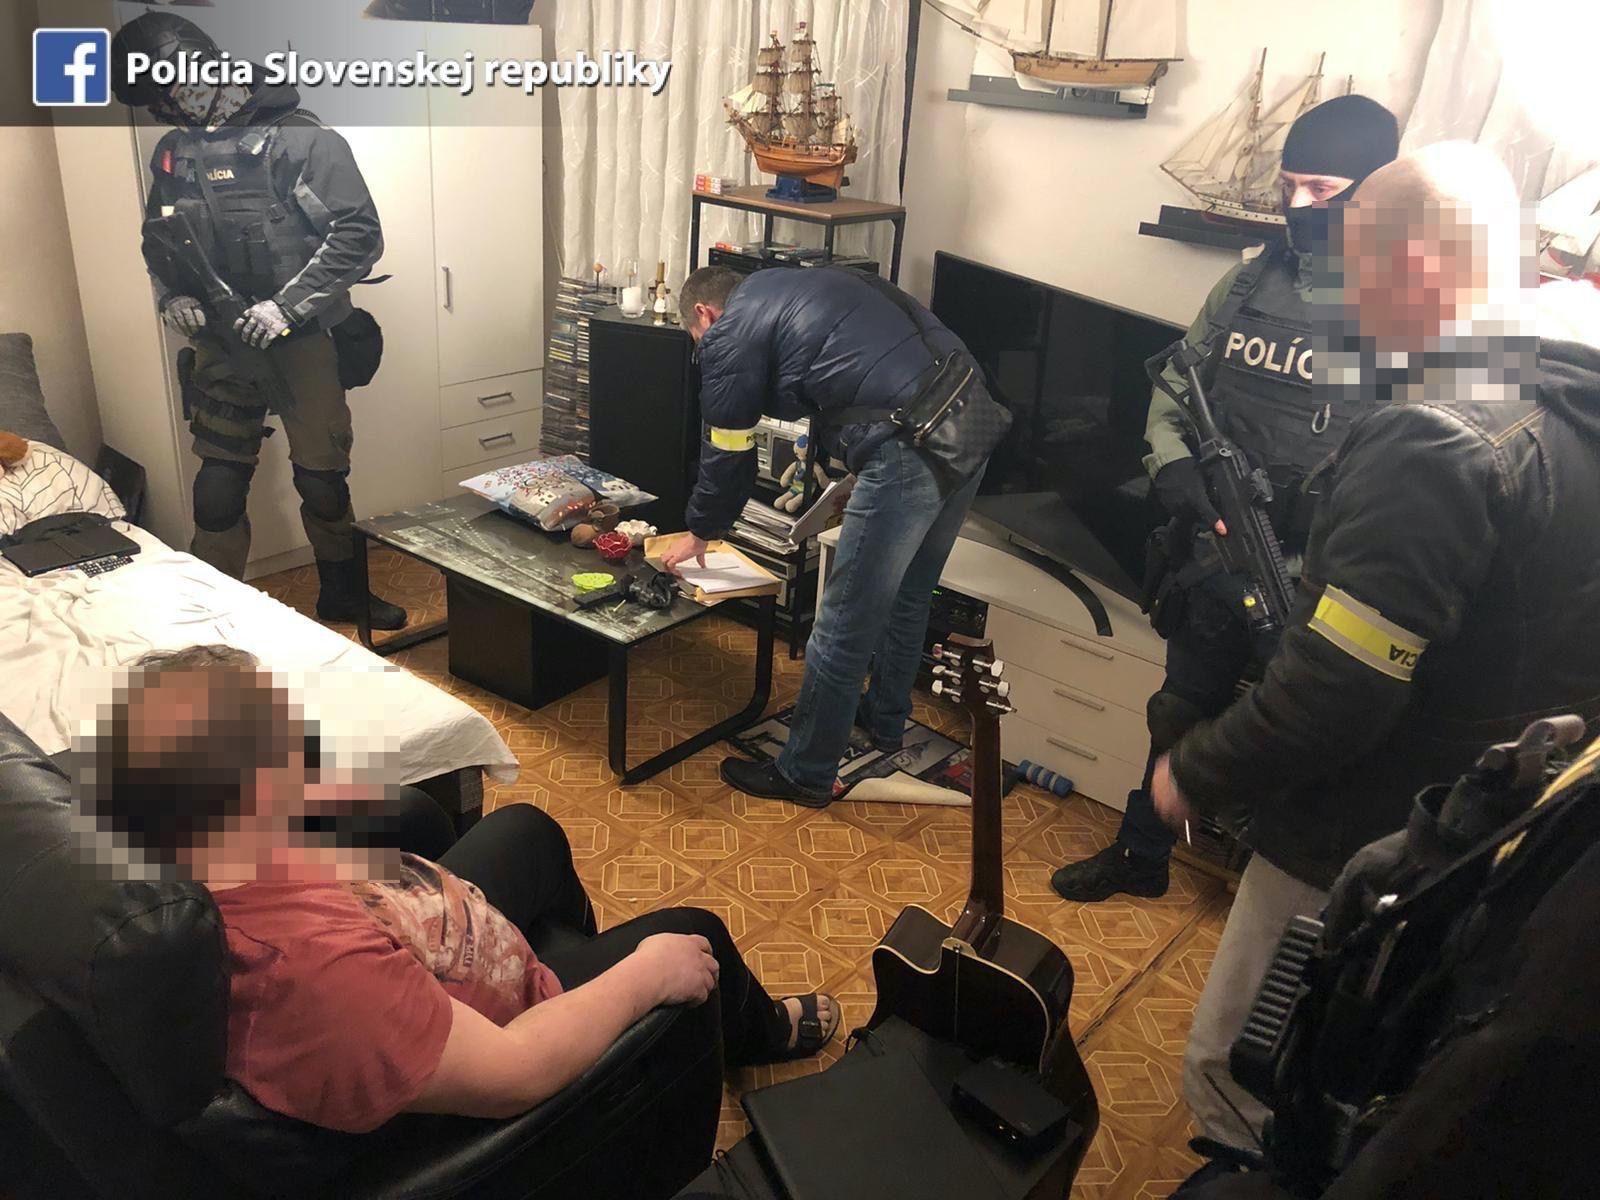 Ďalšia akcia polície proti korupčníkovi. V Rusovciach prehľadávajú dom bývalého riaditeľa Pôdohospodárskej platobnej agentúry